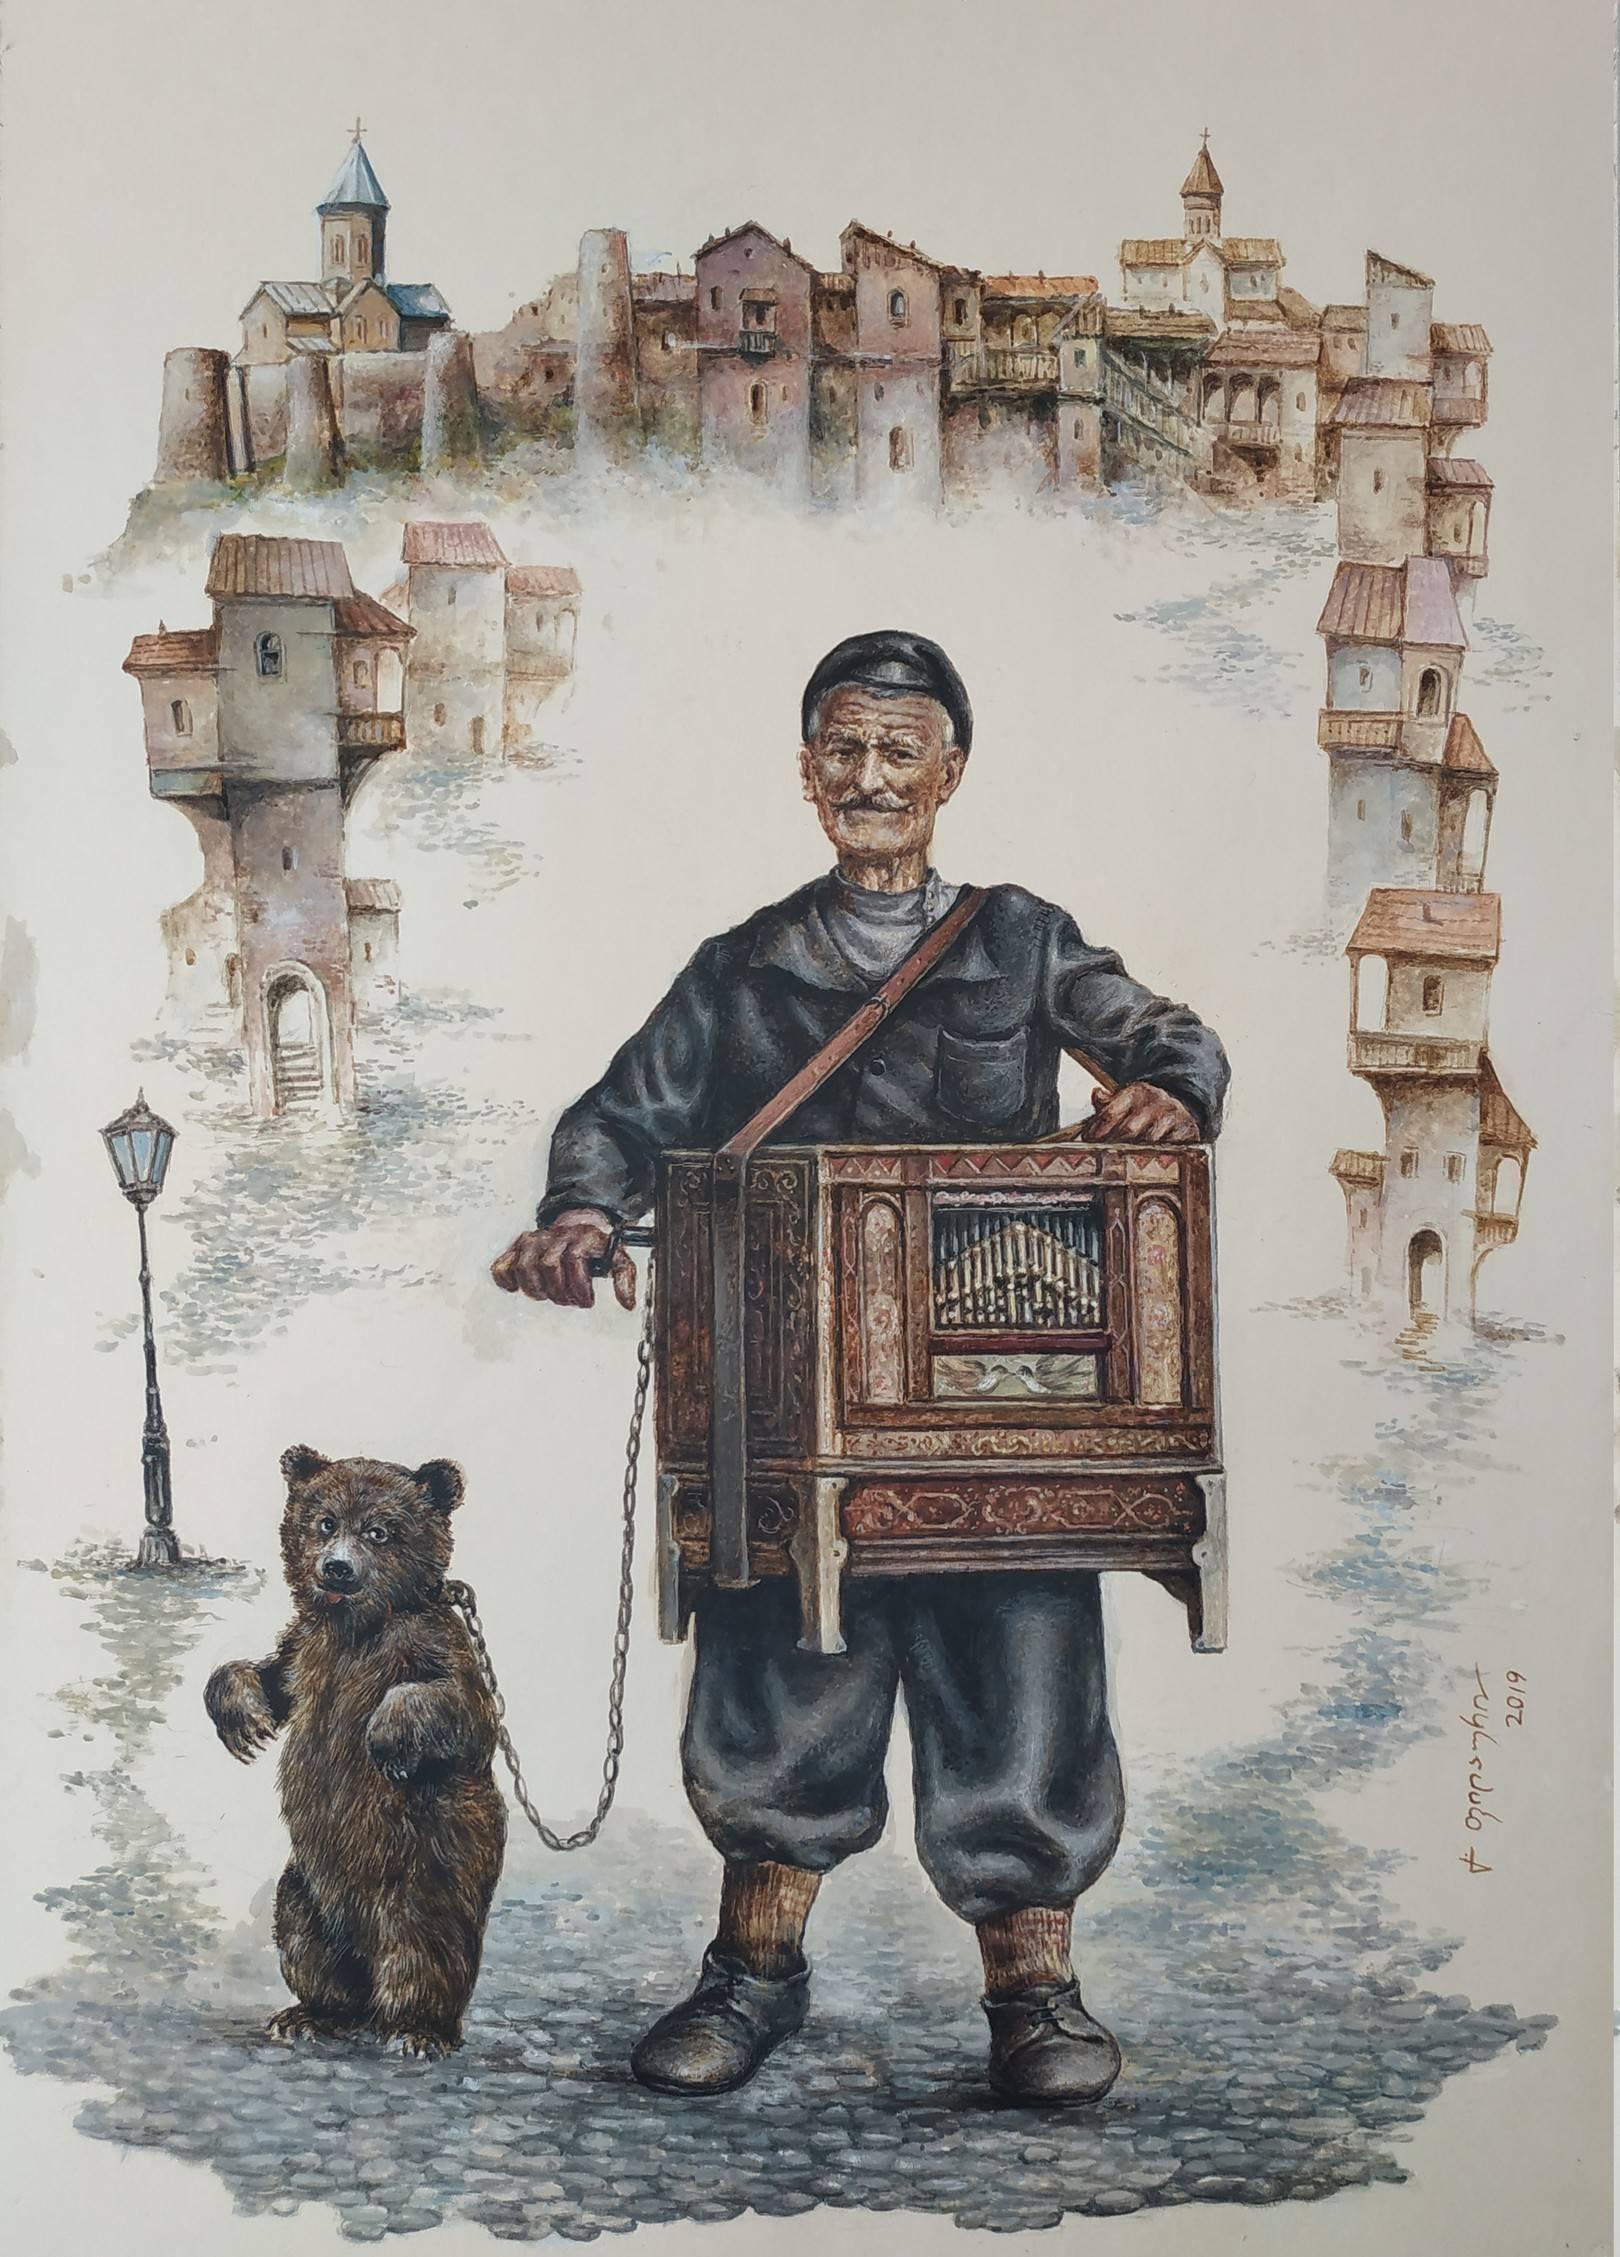 «Шарманщик»    бумага, акварель, гуашь «Organ-grinder»    paper, aquarelle, gouache 53x38, 2019